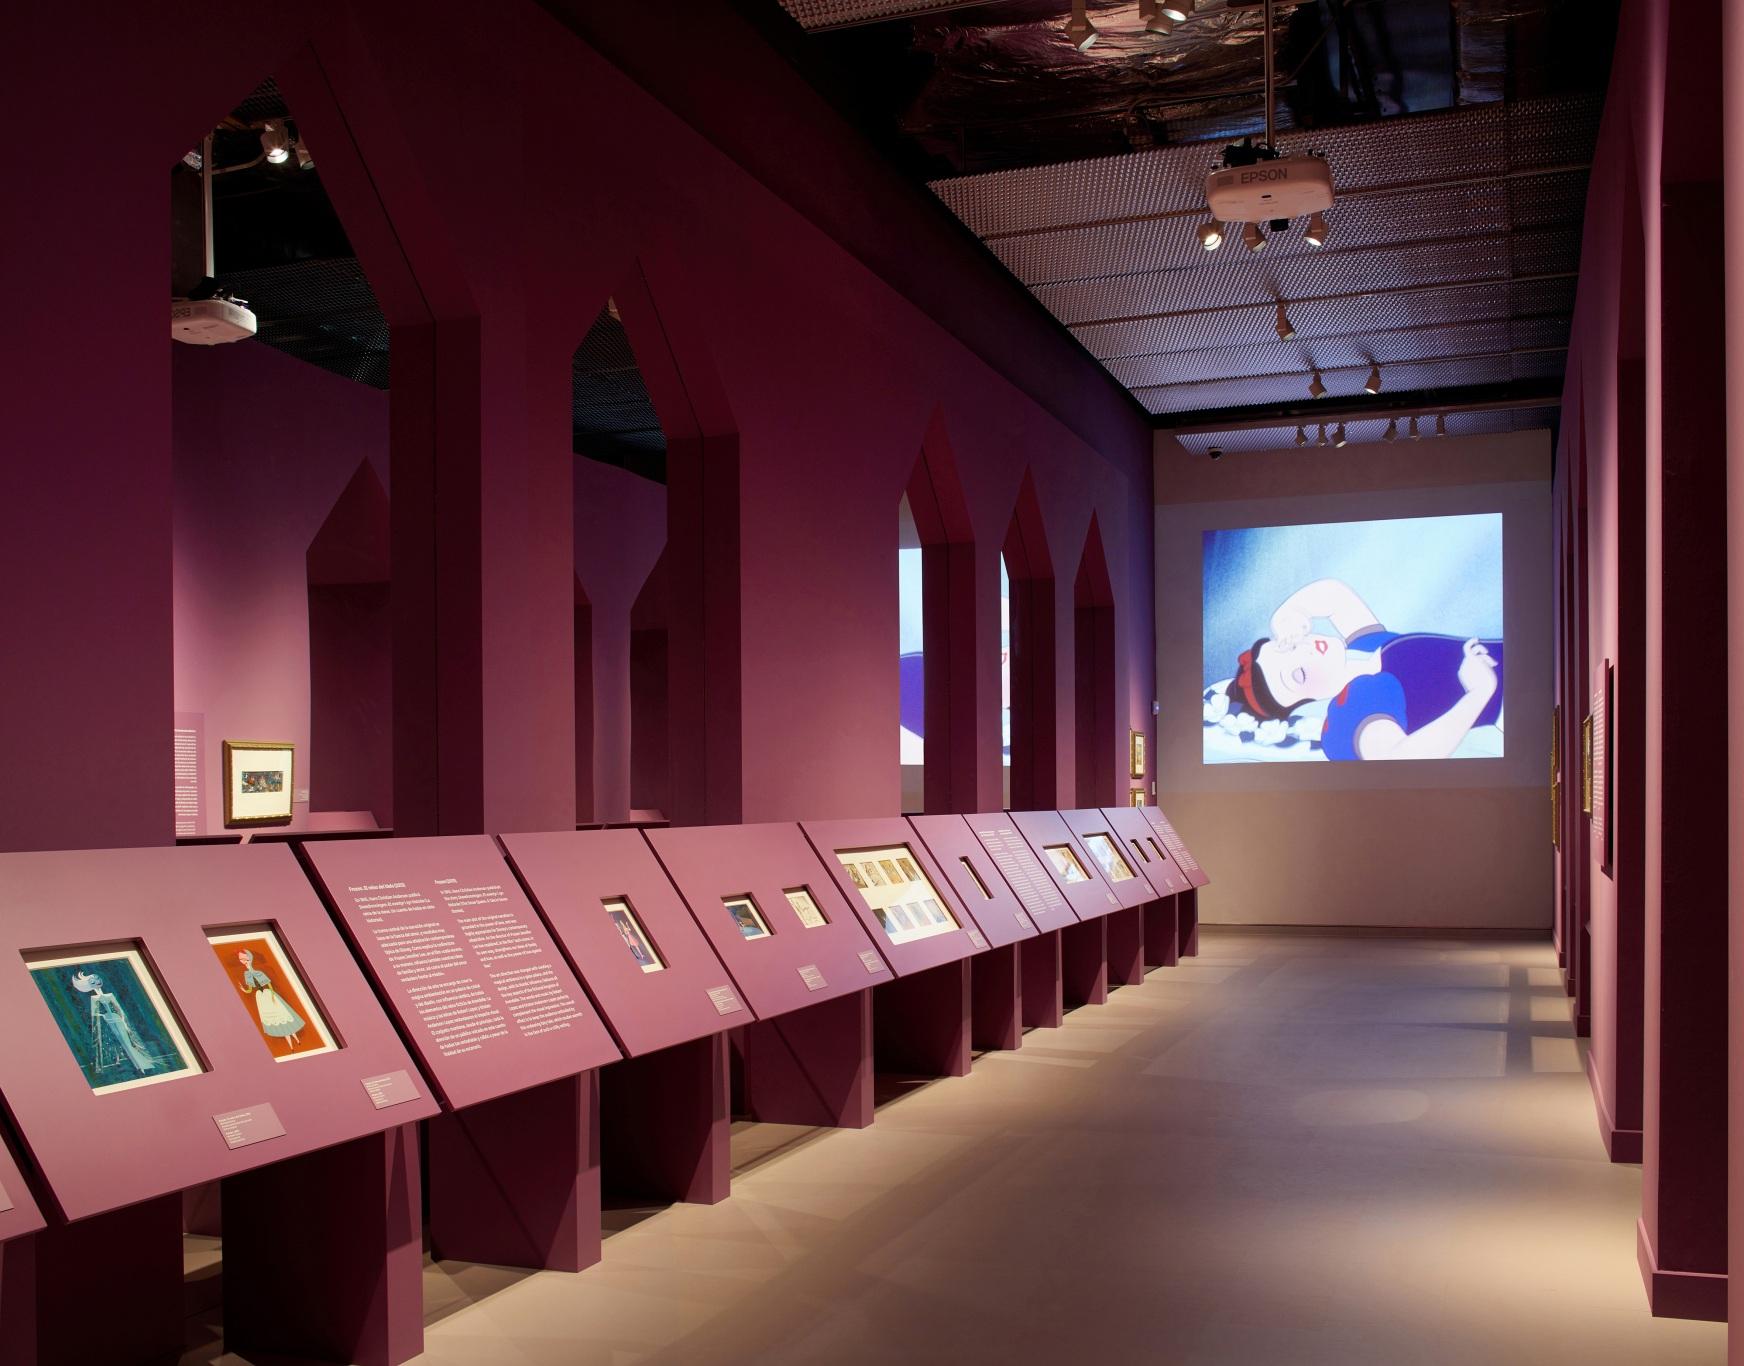 Exposición sobre Walt Disney. Castillo encantado de las princesas color magenta. Imagen de Blancanieves de fondo.